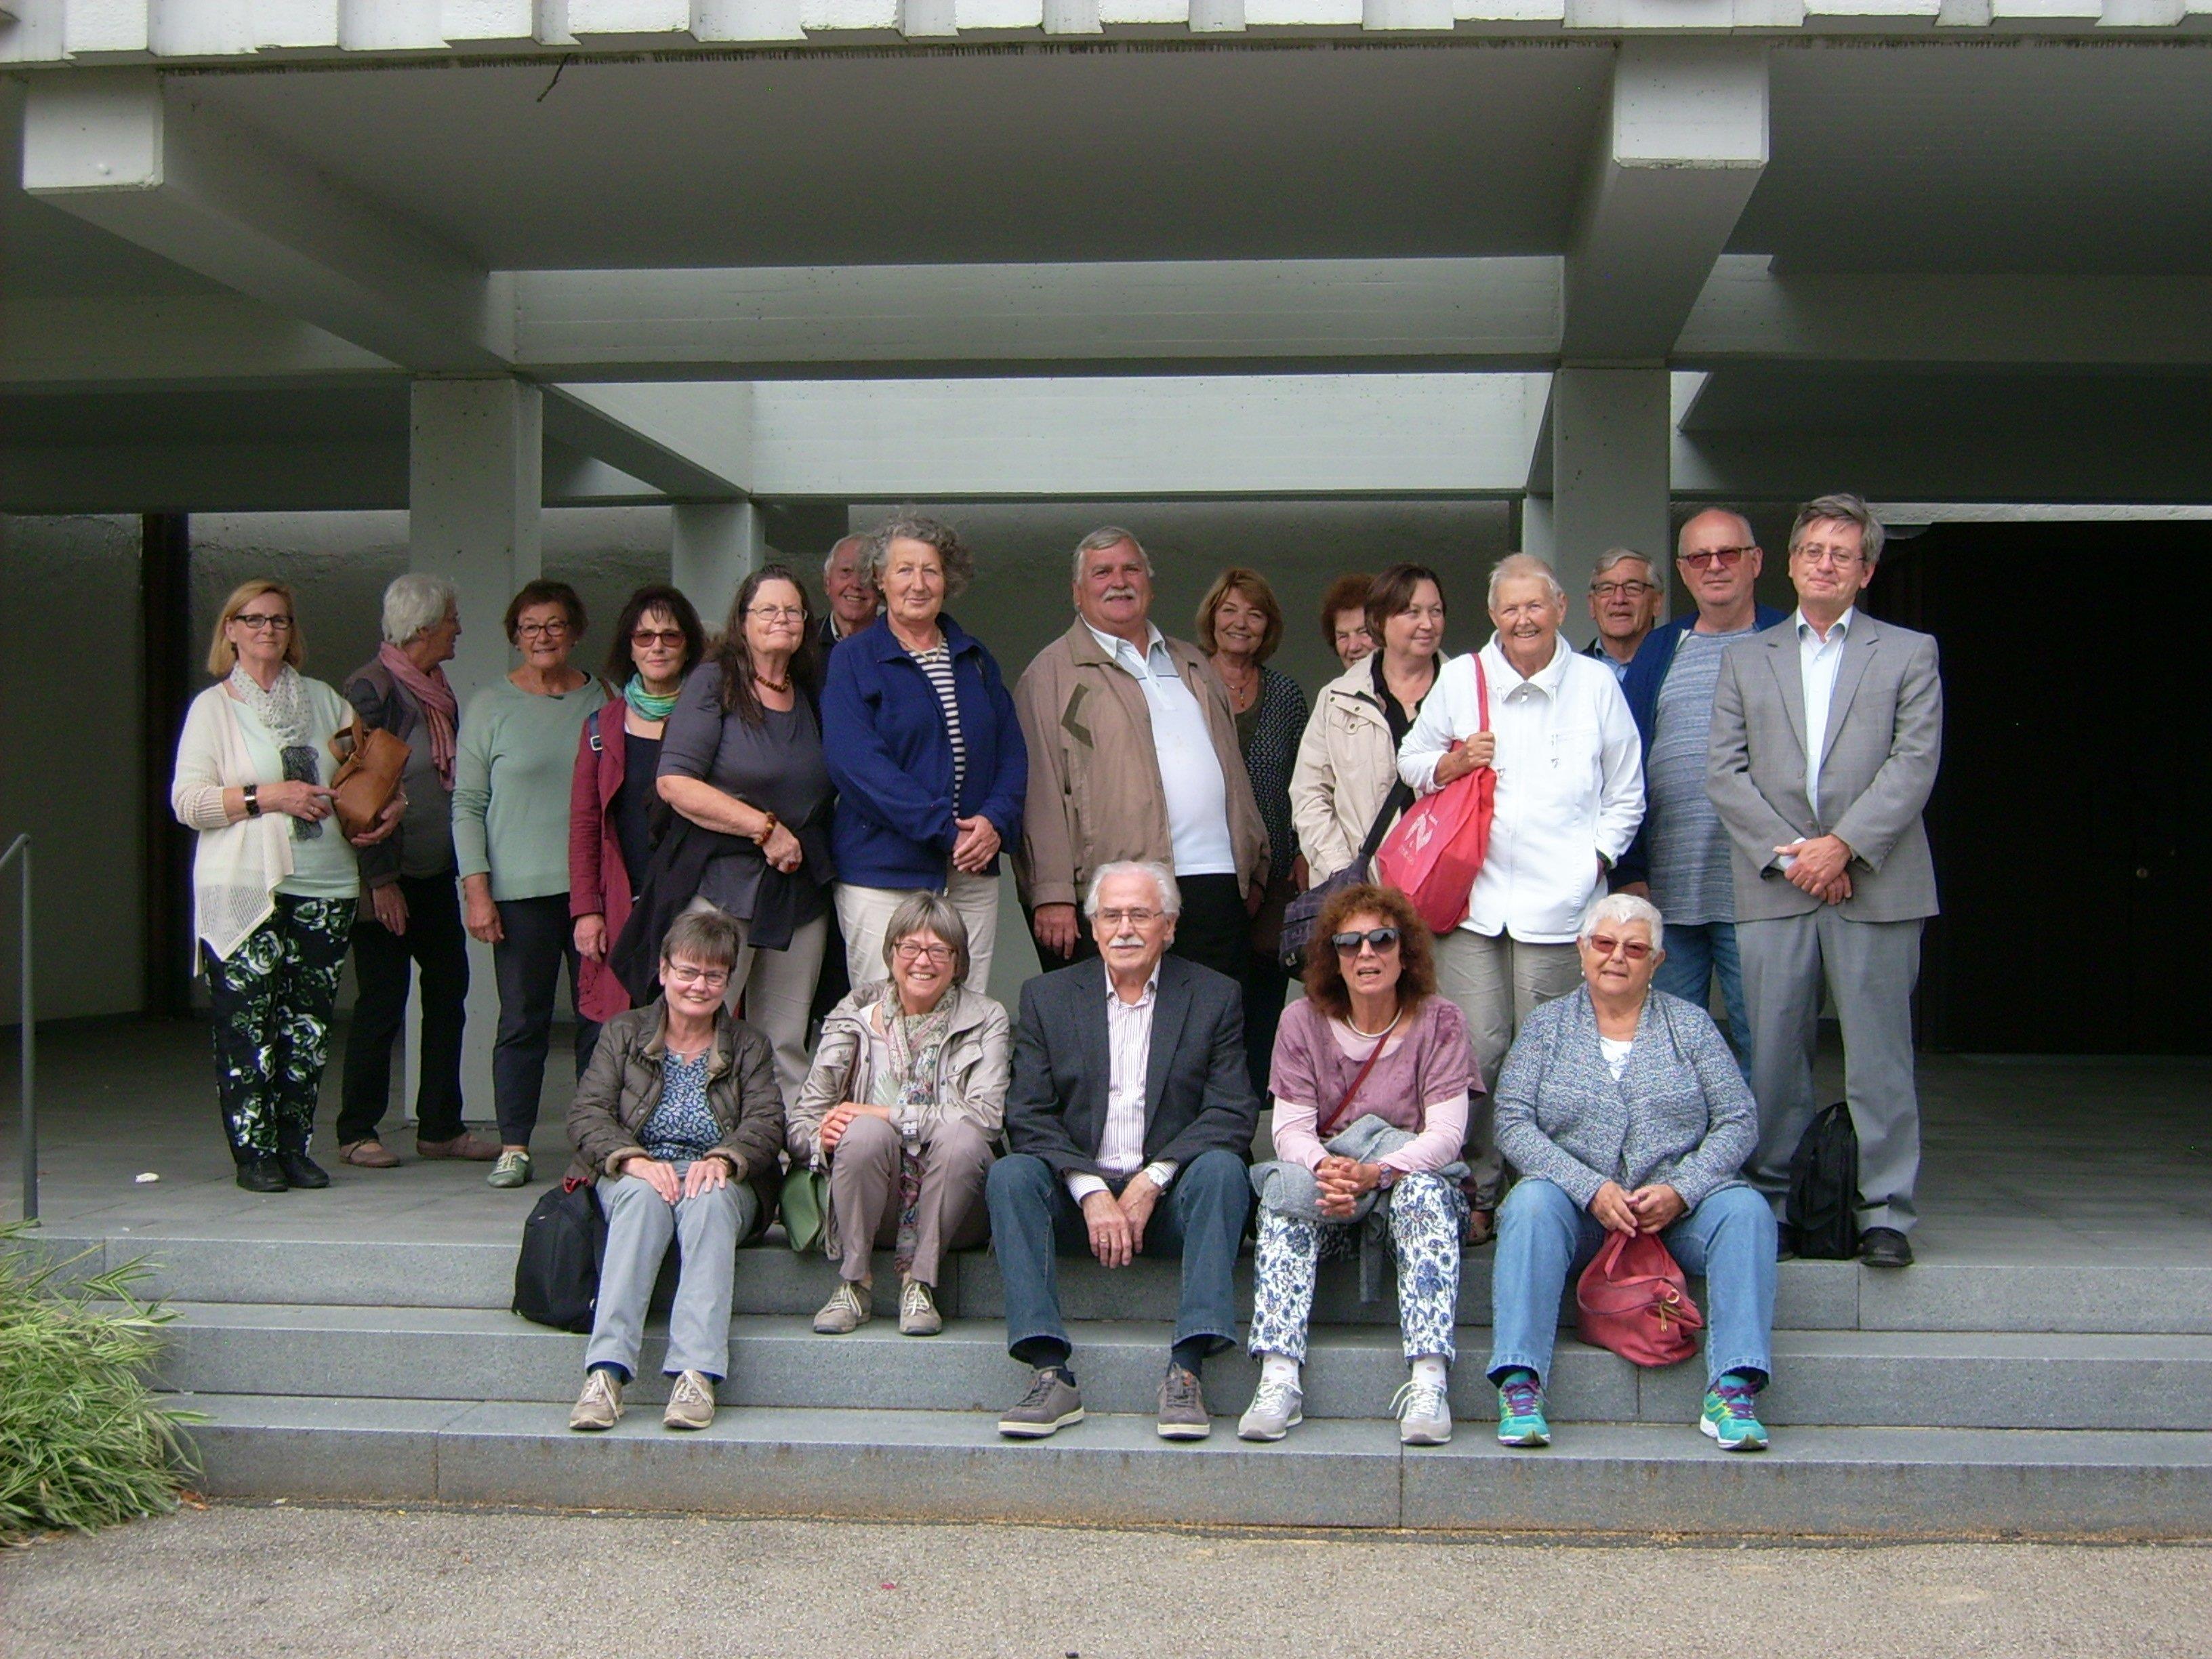 Nach Bad Schussenried und an den Federsee führte die Fahrt des Kulturkreisreises Hohenems.